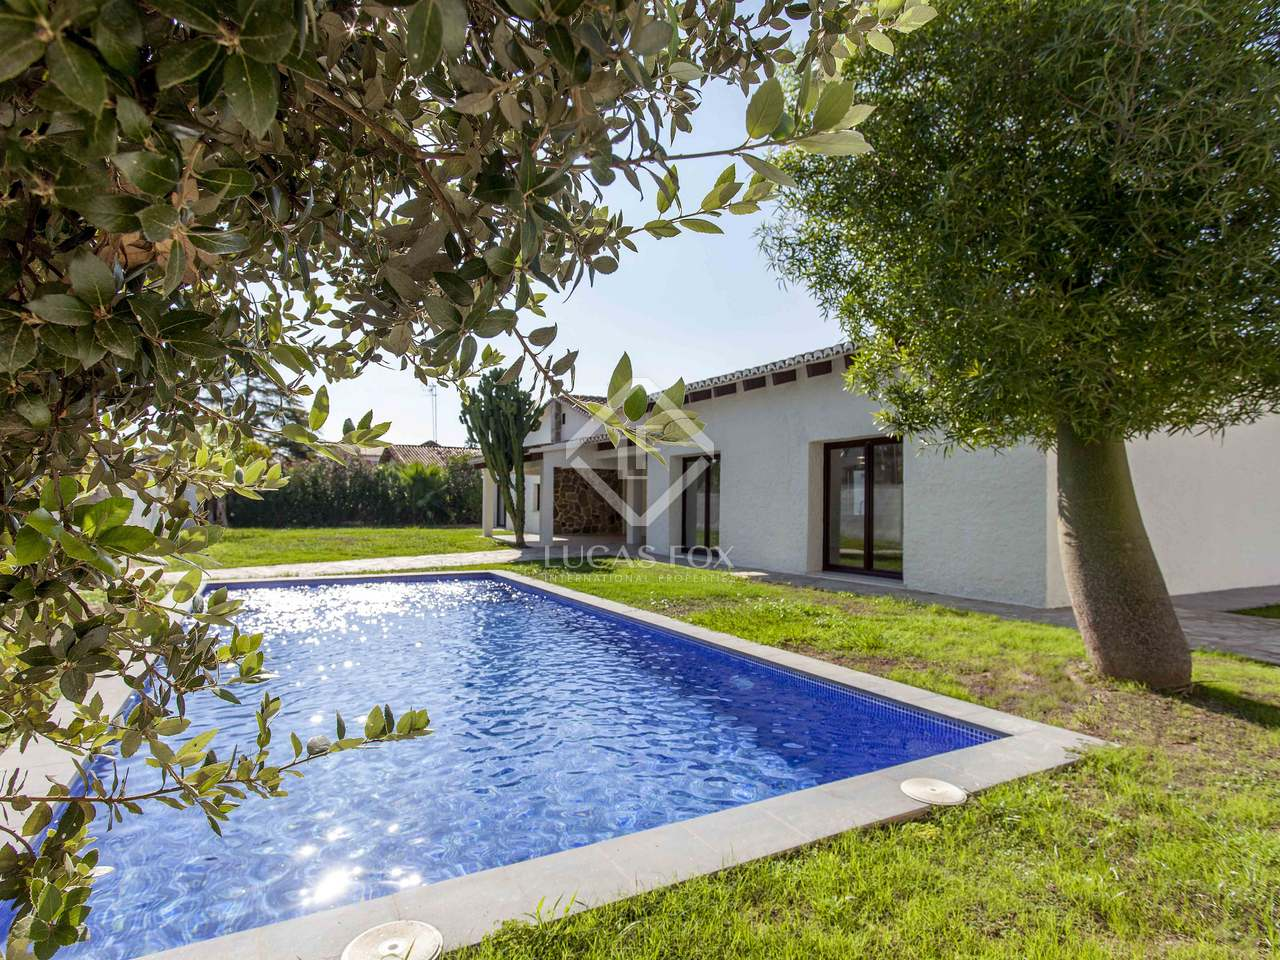 230 M Villa With 800 M Garden For Sale In La Eliana